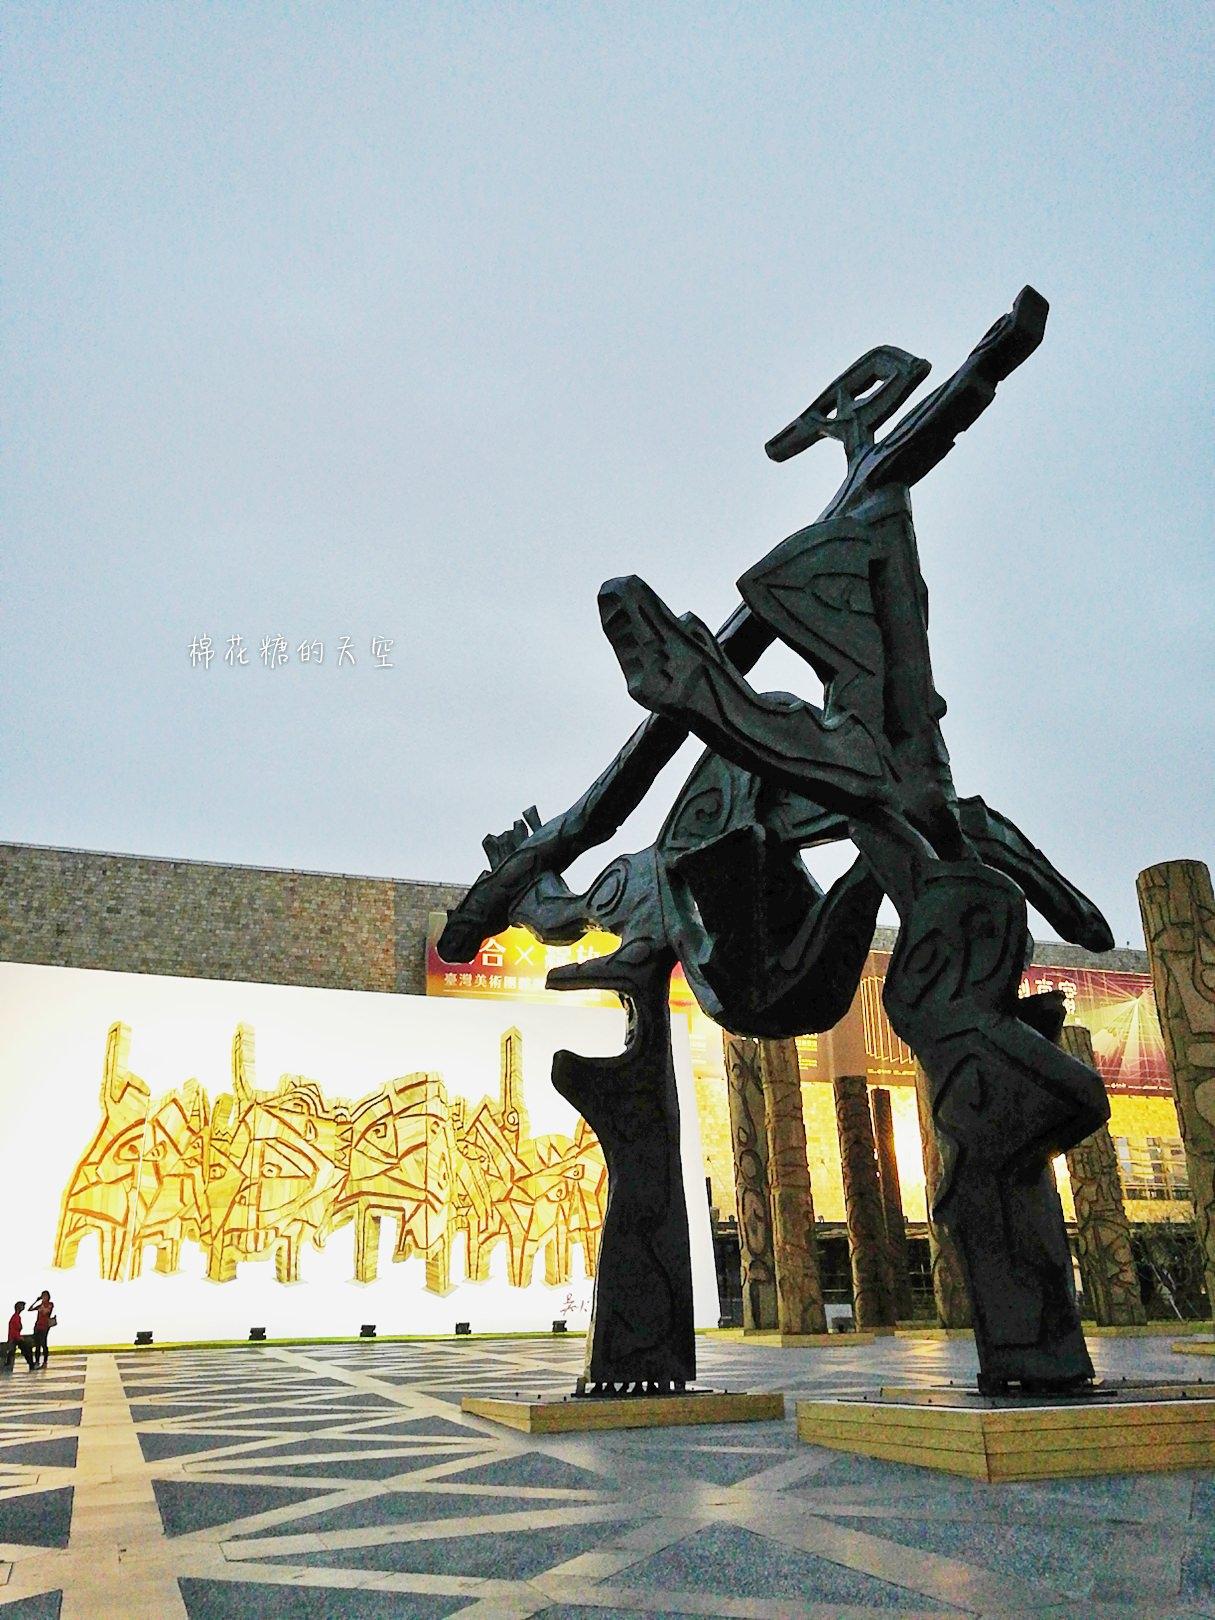 20180319190450 52 - 國立美術館被外星人佔據了?!五層樓高巨型雕塑被巨木圍繞好像電影場景!吳炫三回顧展